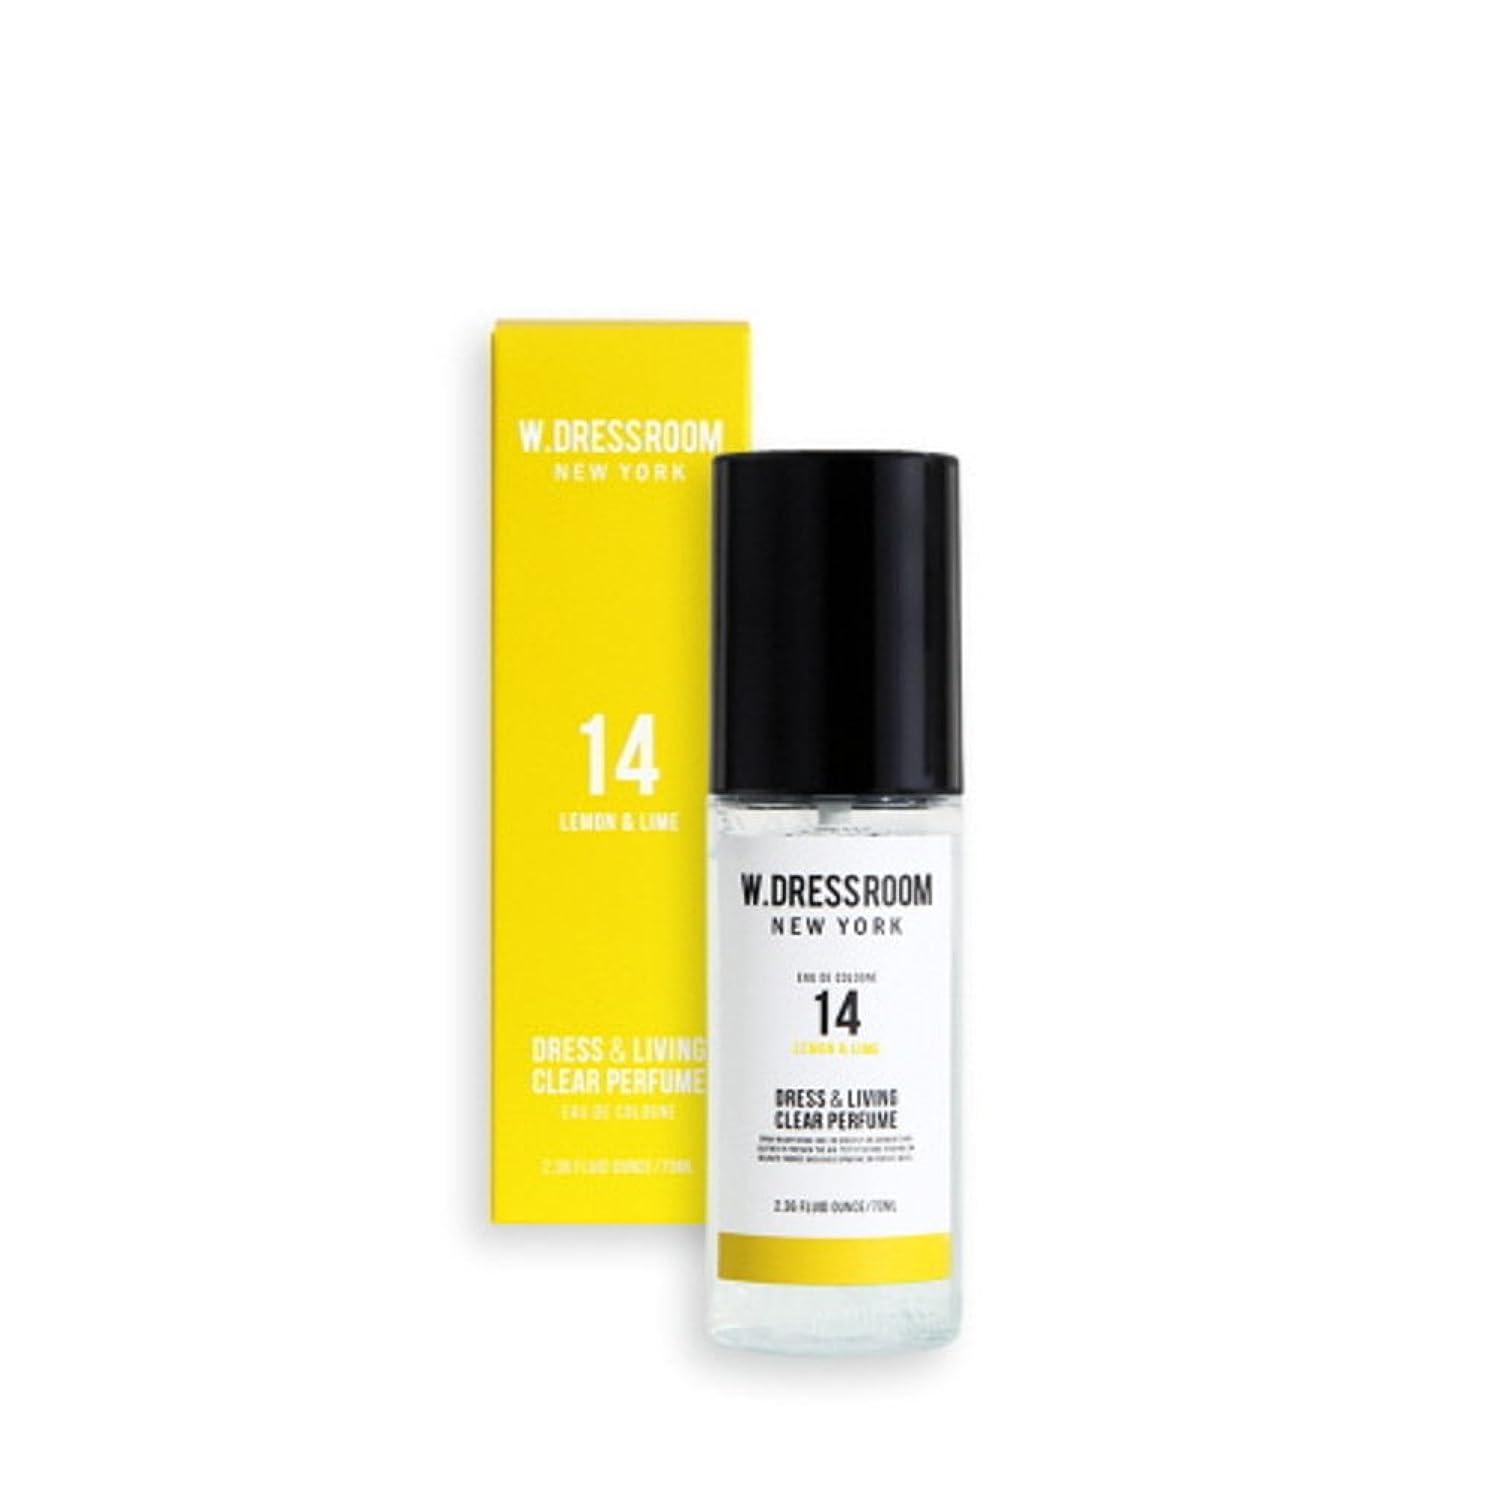 嵐の西部ひらめきW.DRESSROOM Dress & Living Clear Perfume fragrance 70ml (#No.14 Lemon & Lime)/ダブルドレスルーム ドレス&リビング クリア パフューム 70ml (#No.14 Lemon & Lime)